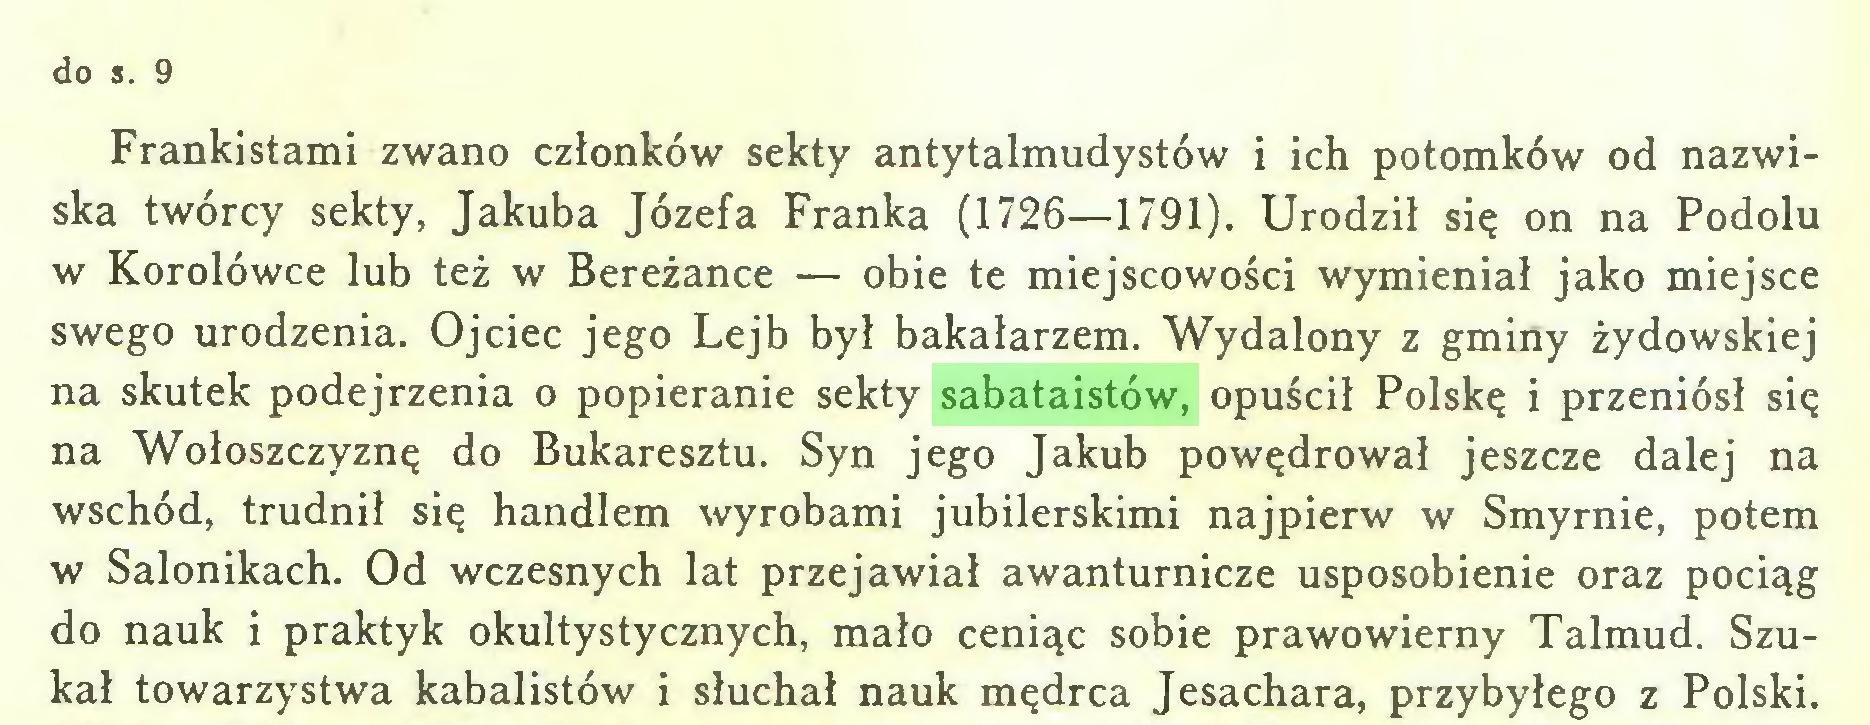 (...) do s. 9 Frankistami zwano członków sekty antytalmudystów i ich potomków od nazwiska twórcy sekty, Jakuba Józefa Franka (1726—1791). Urodził się on na Podolu w Korolówce lub też w Bereżance — obie te miejscowości wymieniał jako miejsce swego urodzenia. Ojciec jego Lejb był bakałarzem. Wydalony z gminy żydowskiej na skutek podejrzenia o popieranie sekty sabataistów, opuścił Polskę i przeniósł się na Wołoszczyznę do Bukaresztu. Syn jego Jakub powędrował jeszcze dalej na wschód, trudnił się handlem wyrobami jubilerskimi najpierw w Smyrnie, potem w Salonikach. Od wczesnych lat przejawiał awanturnicze usposobienie oraz pociąg do nauk i praktyk okultystycznych, mało ceniąc sobie prawowierny Talmud. Szukał towarzystwa kabalistów i słuchał nauk mędrca Jesachara, przybyłego z Polski...